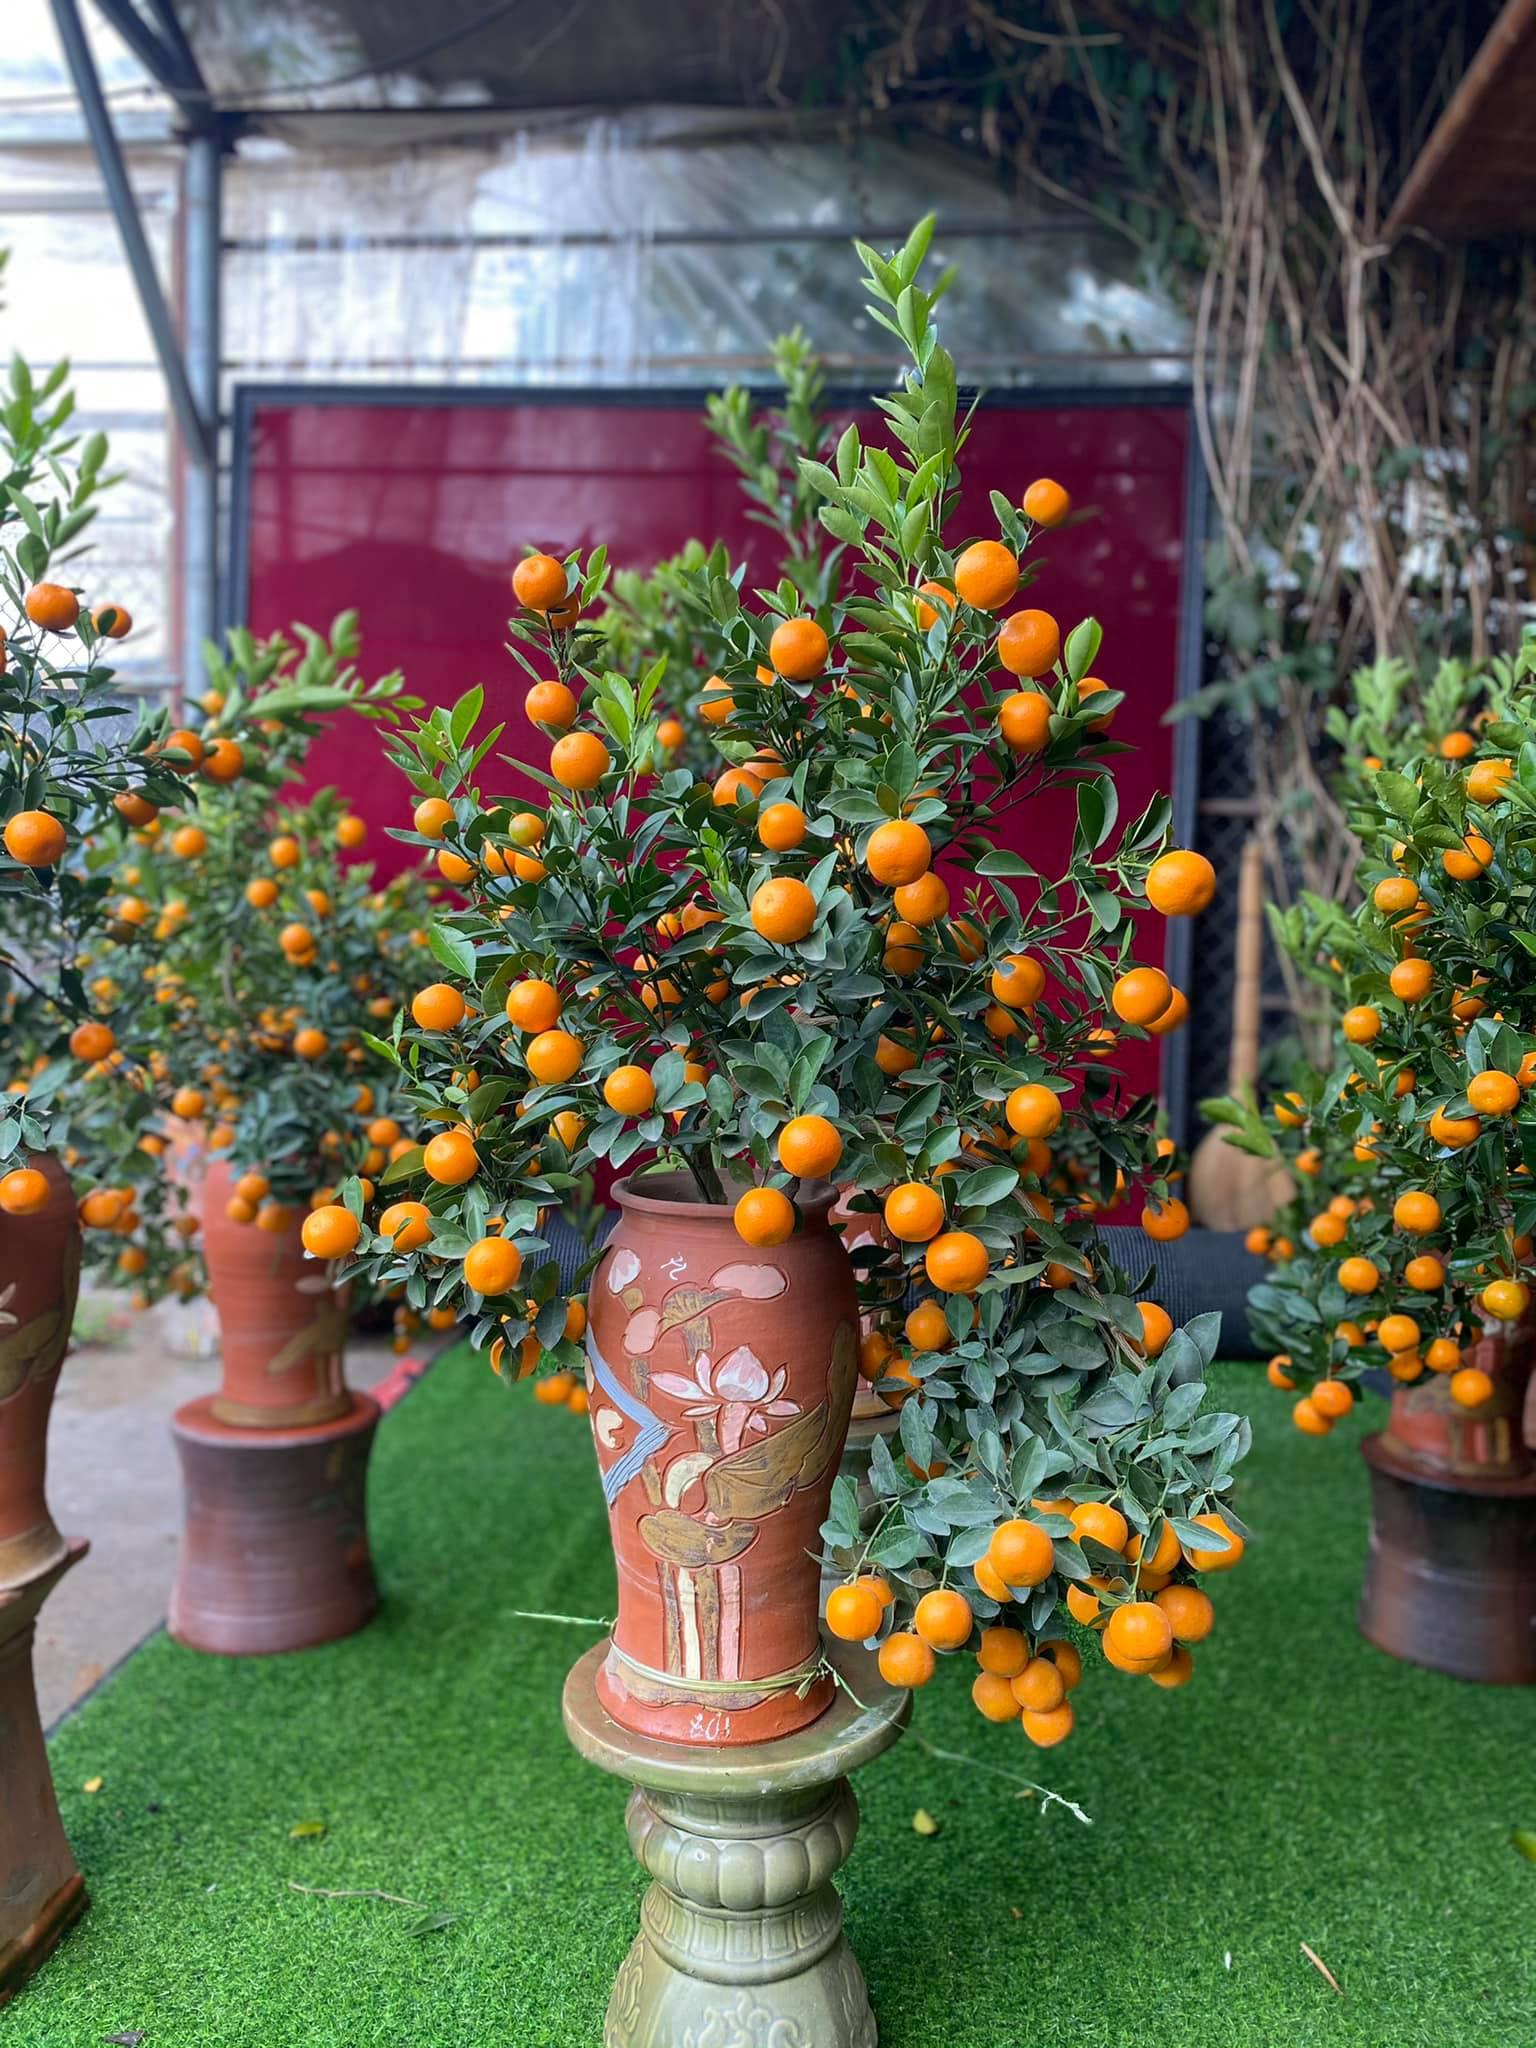 Tết Tân Sửu: Quất bonsai mini, vừa túi tiền dễ bán, dễ mua, dễ trưng bày đắt khách như tôm tươi - Ảnh 12.